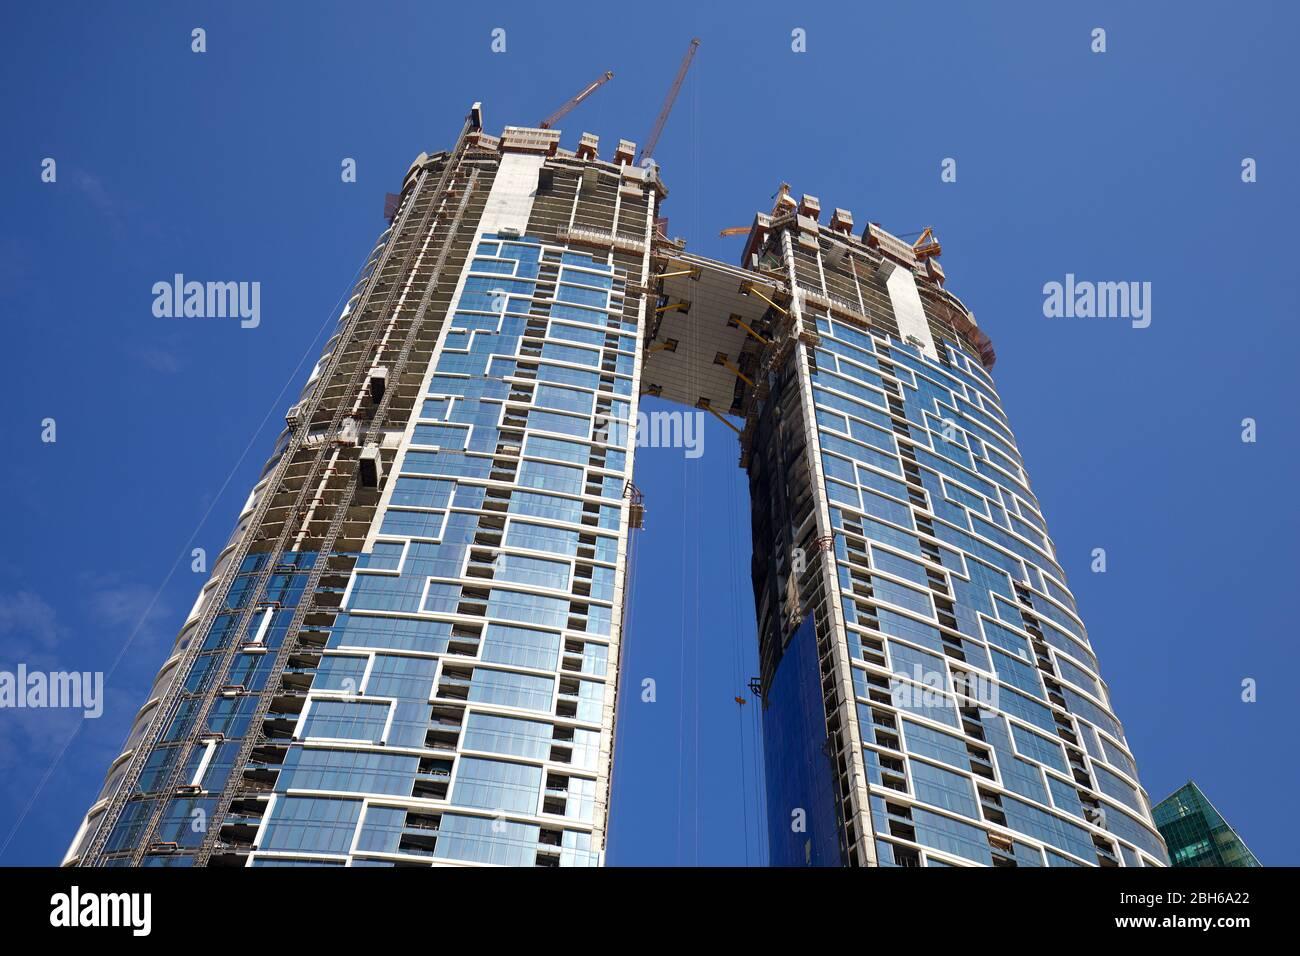 DUBAÏ, EMIRATS ARABES UNIS - 23 NOVEMBRE 2019: Gratte-ciel en construction avec grues, vue à angle bas en journée ensoleillée, ciel bleu clair à Dubaï Banque D'Images